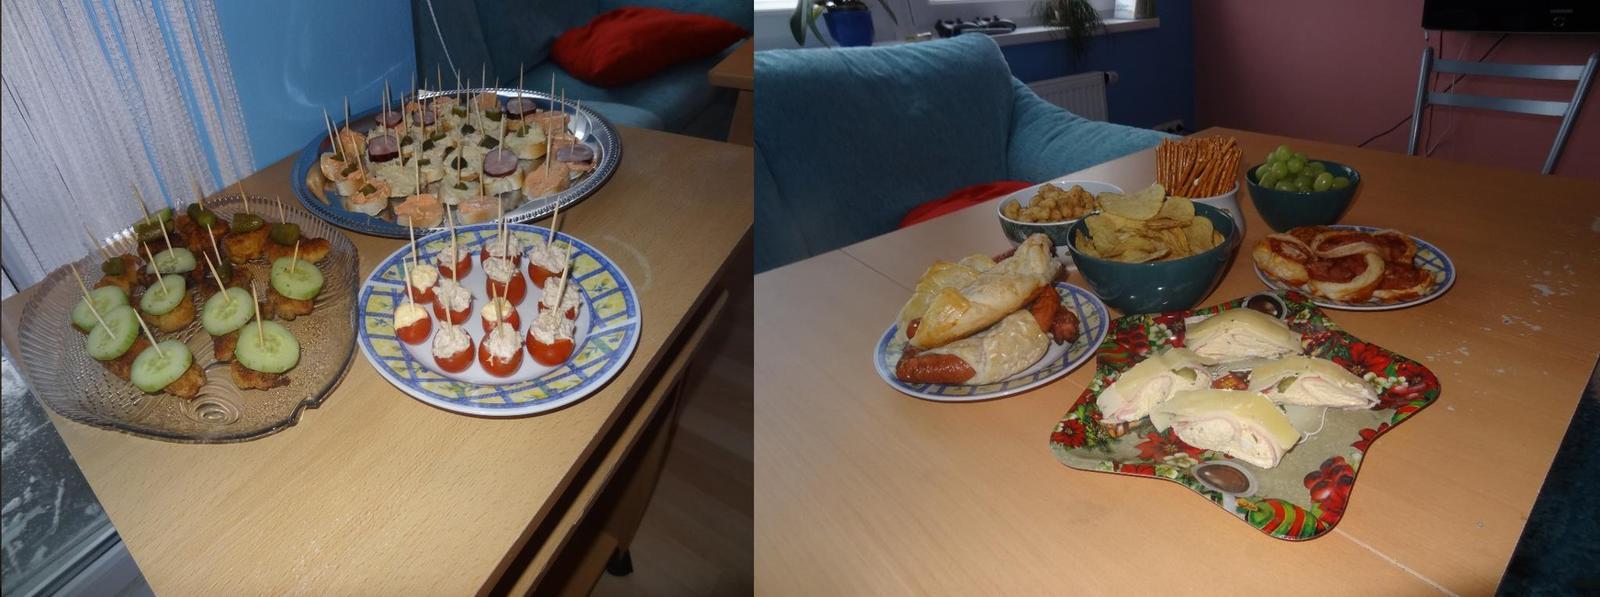 Degustační požitek - Moje práce, jen obyč. jednohubky, miniřízky, pizza ešneky, párky v těstíčku a sýrová roláda, spíše průměrná až podprůměrná hostina při rozlučce s bytečkem